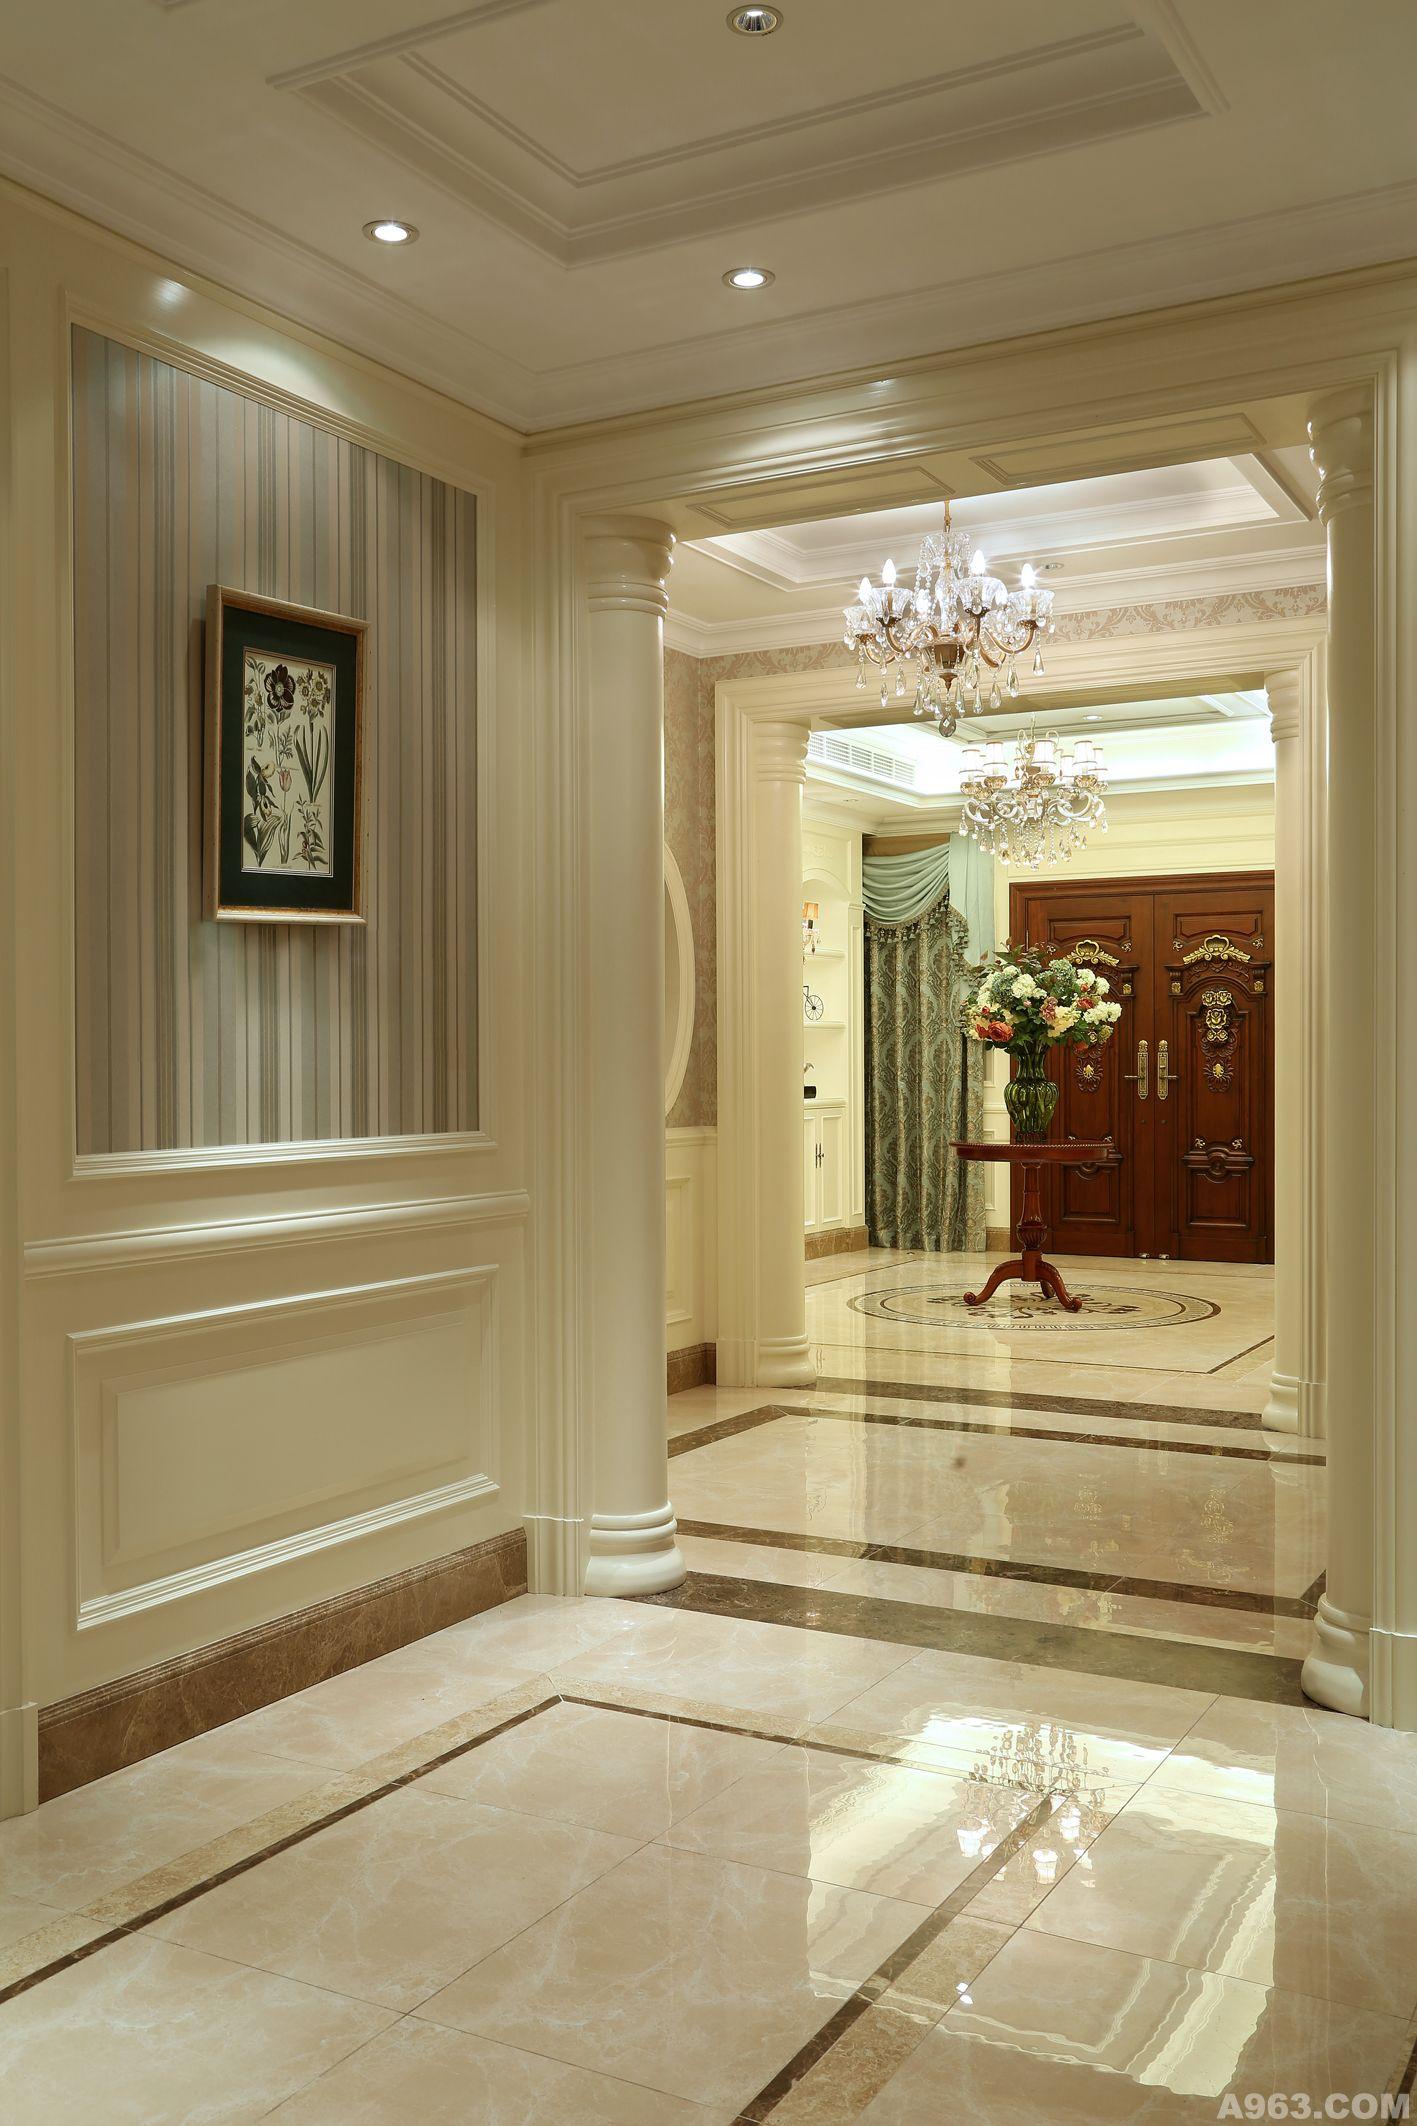 主要材料: 仿古砖,多层实木地板,墙纸,护墙板